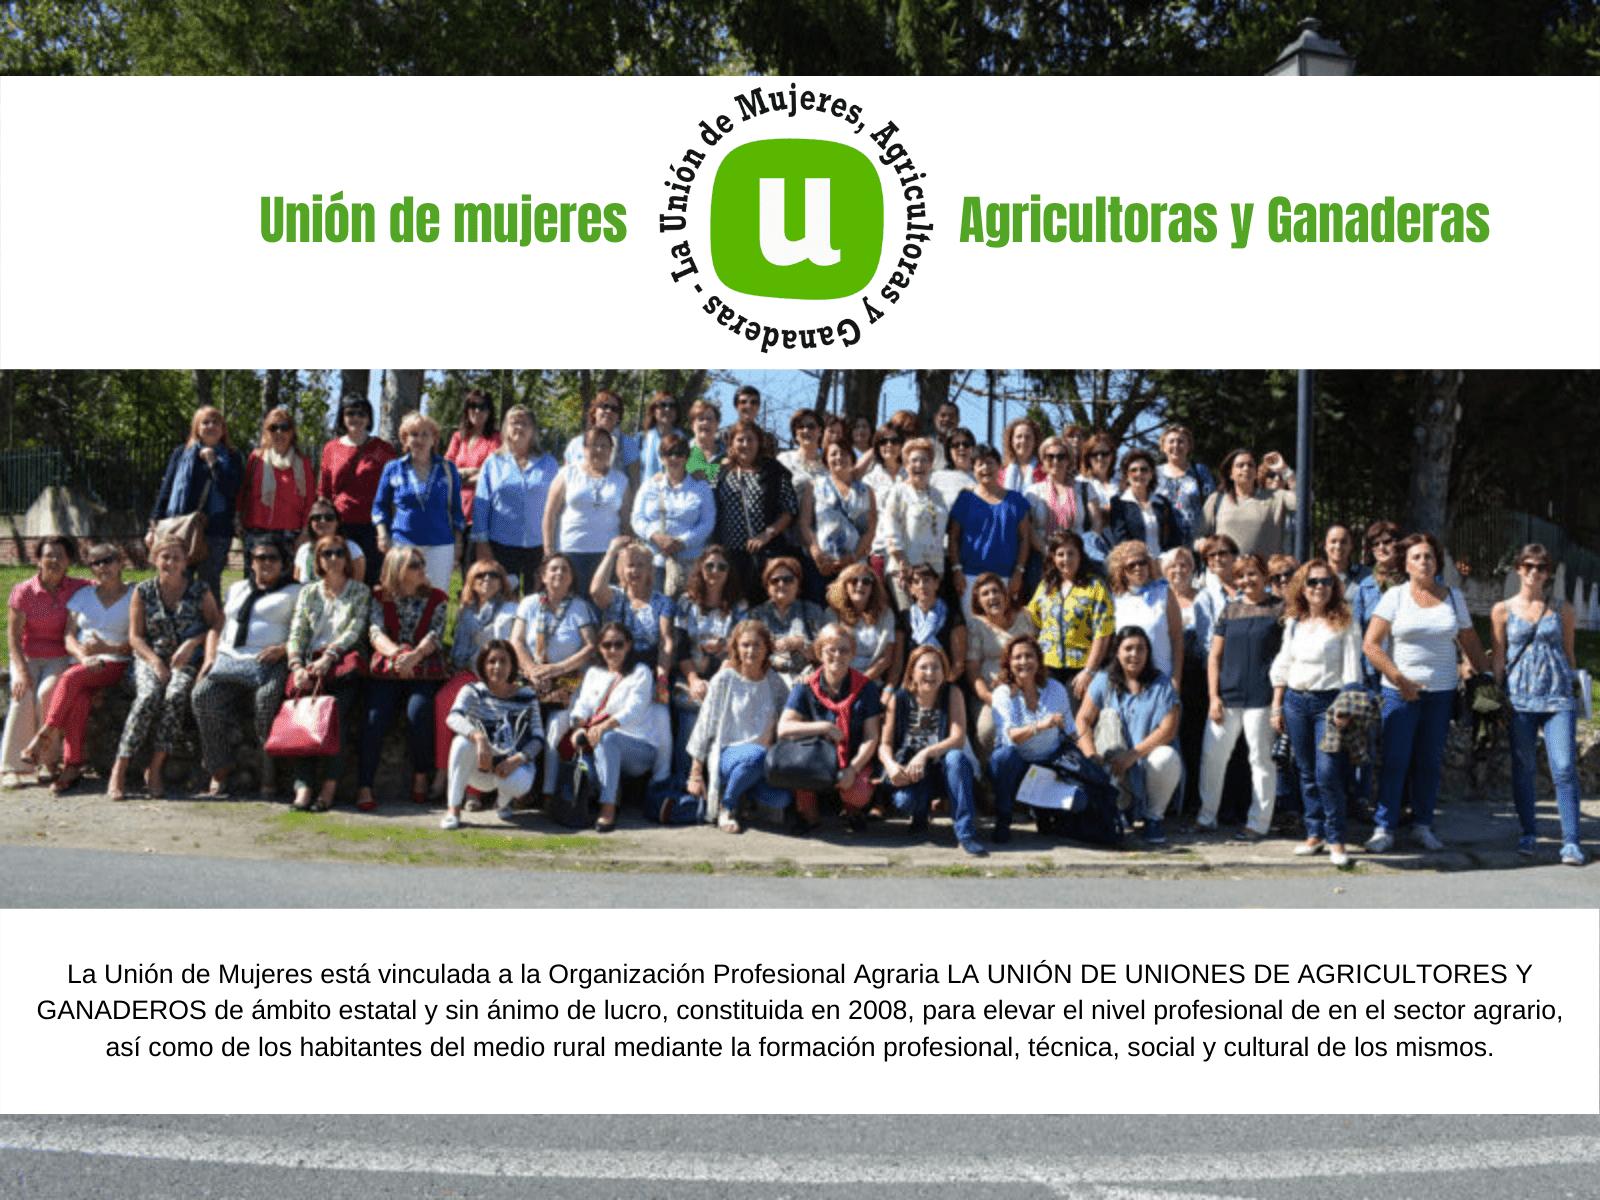 union-mujeres-agricultoras-ganaderas-2